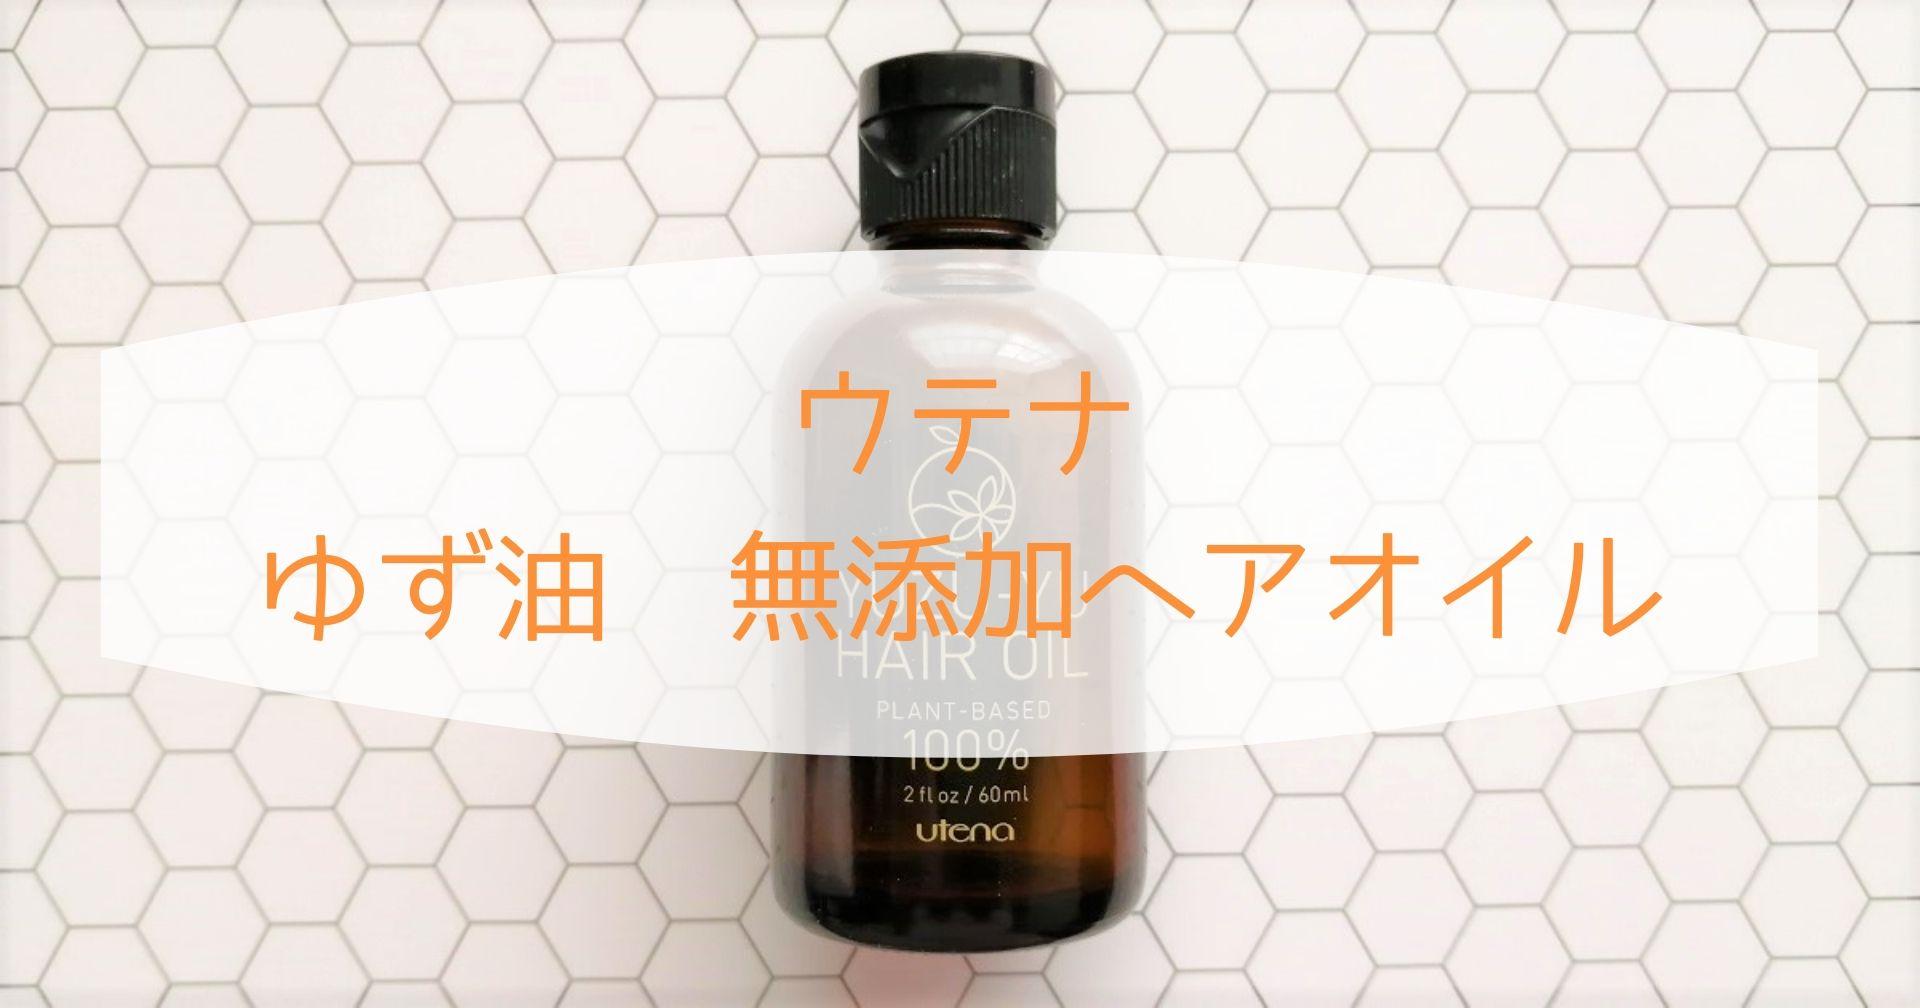 ウテナ_ゆず油_アイキャッチ